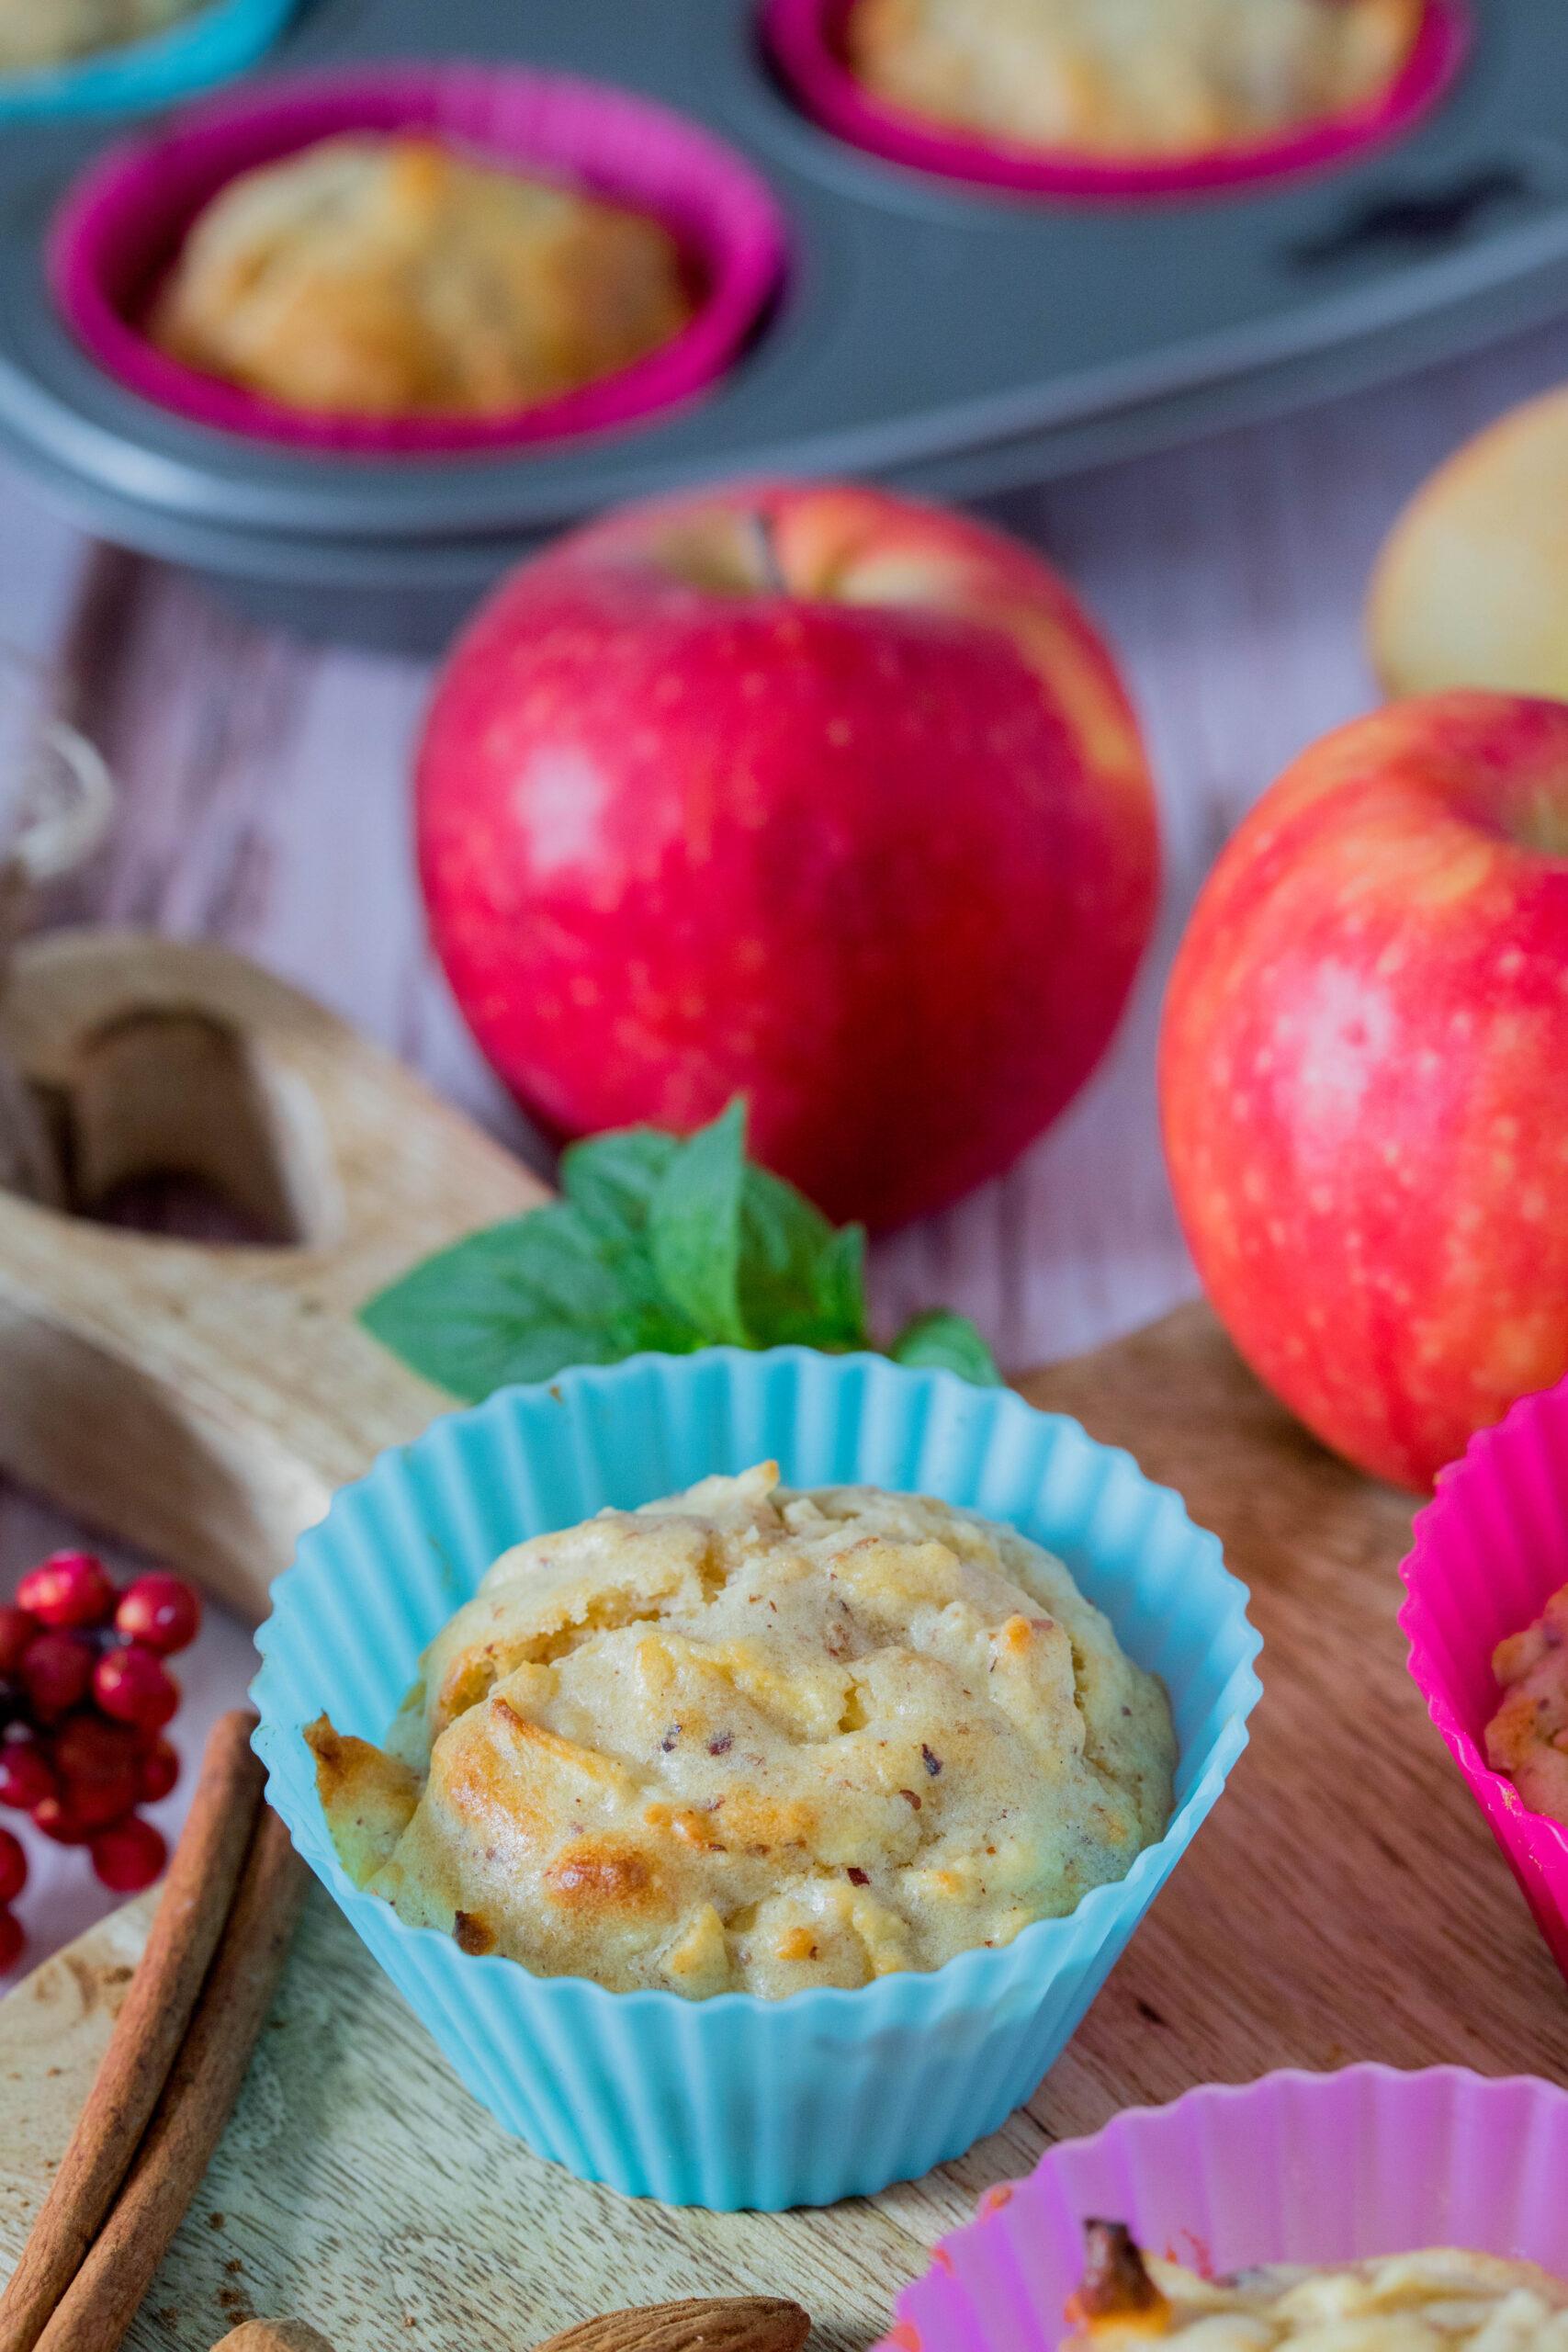 Leckerer Snack für unterwegs und die Brotdose: Apfel Muffins mit Joghurt und Nüssen.